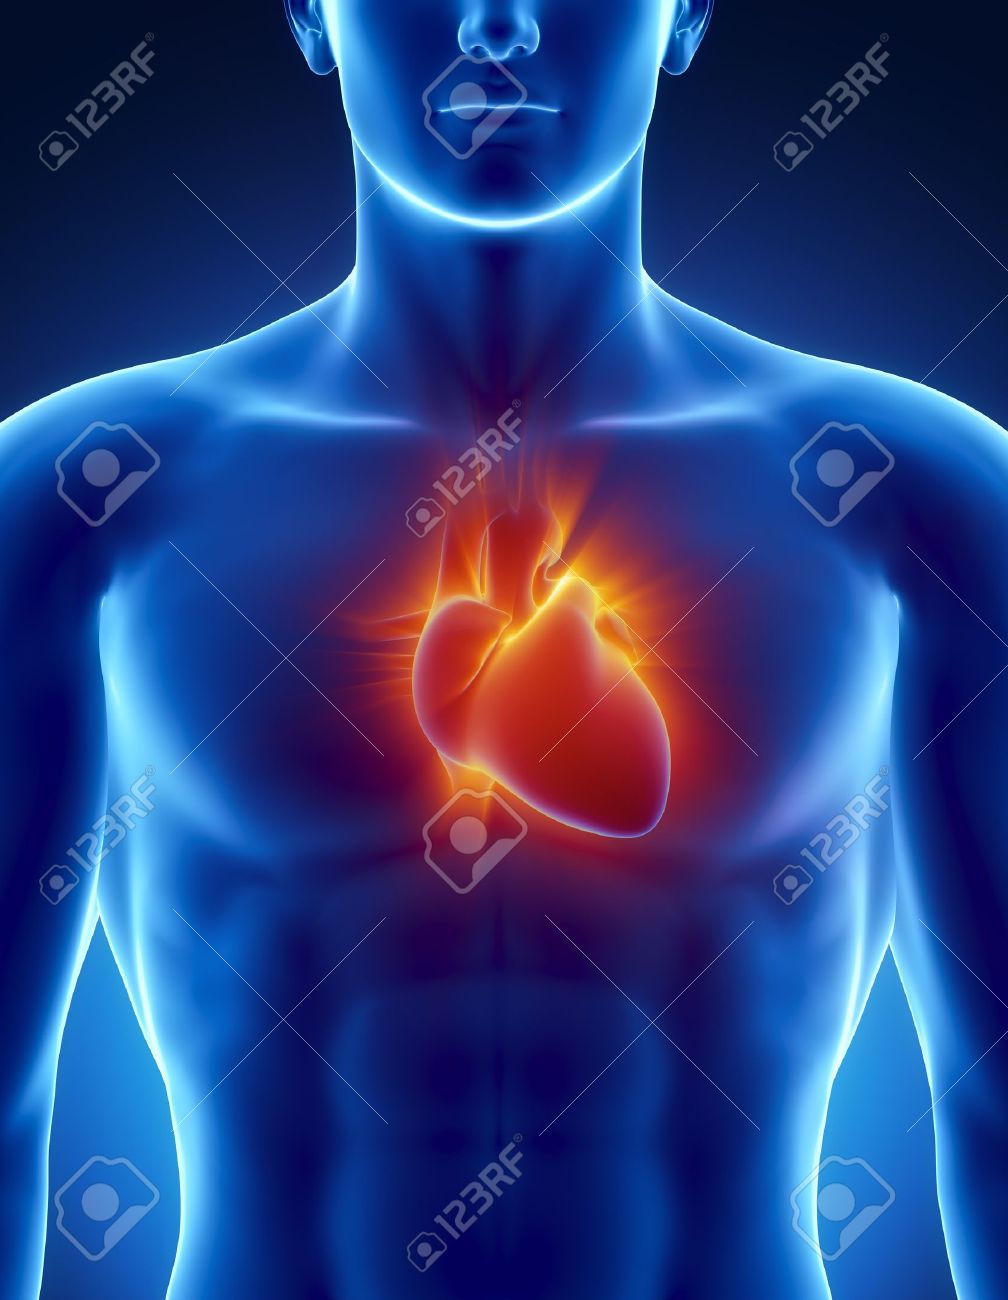 Männliche Anatomie Des Menschlichen Herzens In X-ray-Ansicht ...